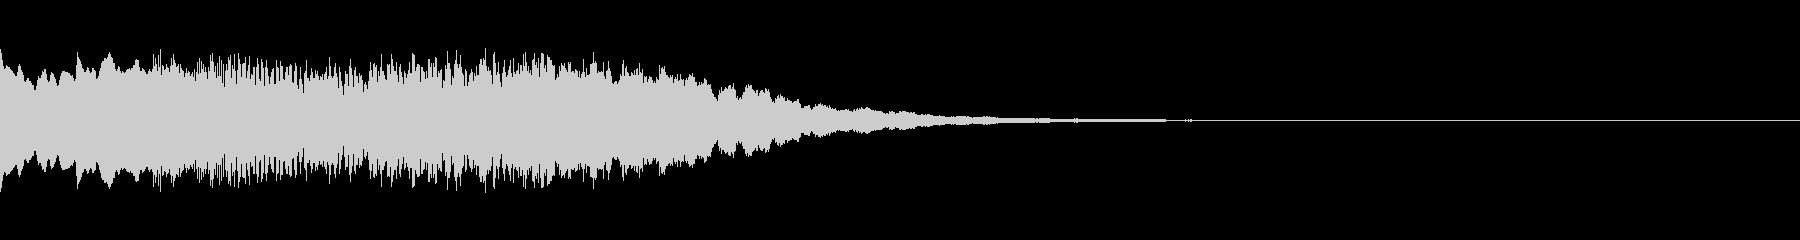 起動音、お知らせ、チャイム、ご案内(↑)の未再生の波形